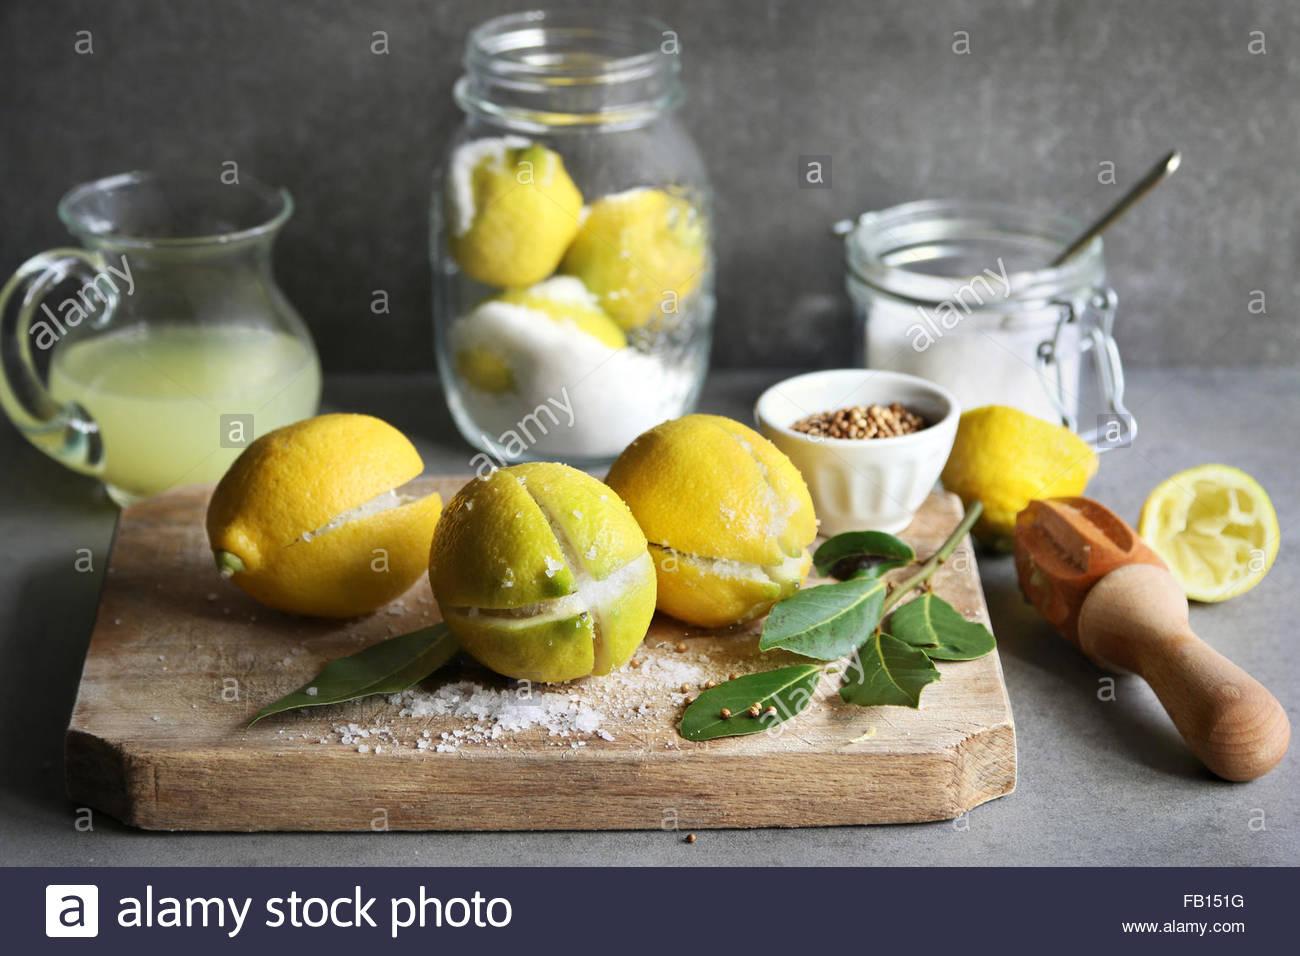 Zitronen mit Salz auf einem Holzbrett mit ein Glas Zitronensaft und Gewürzen auf Hintergrund erhalten Stockbild